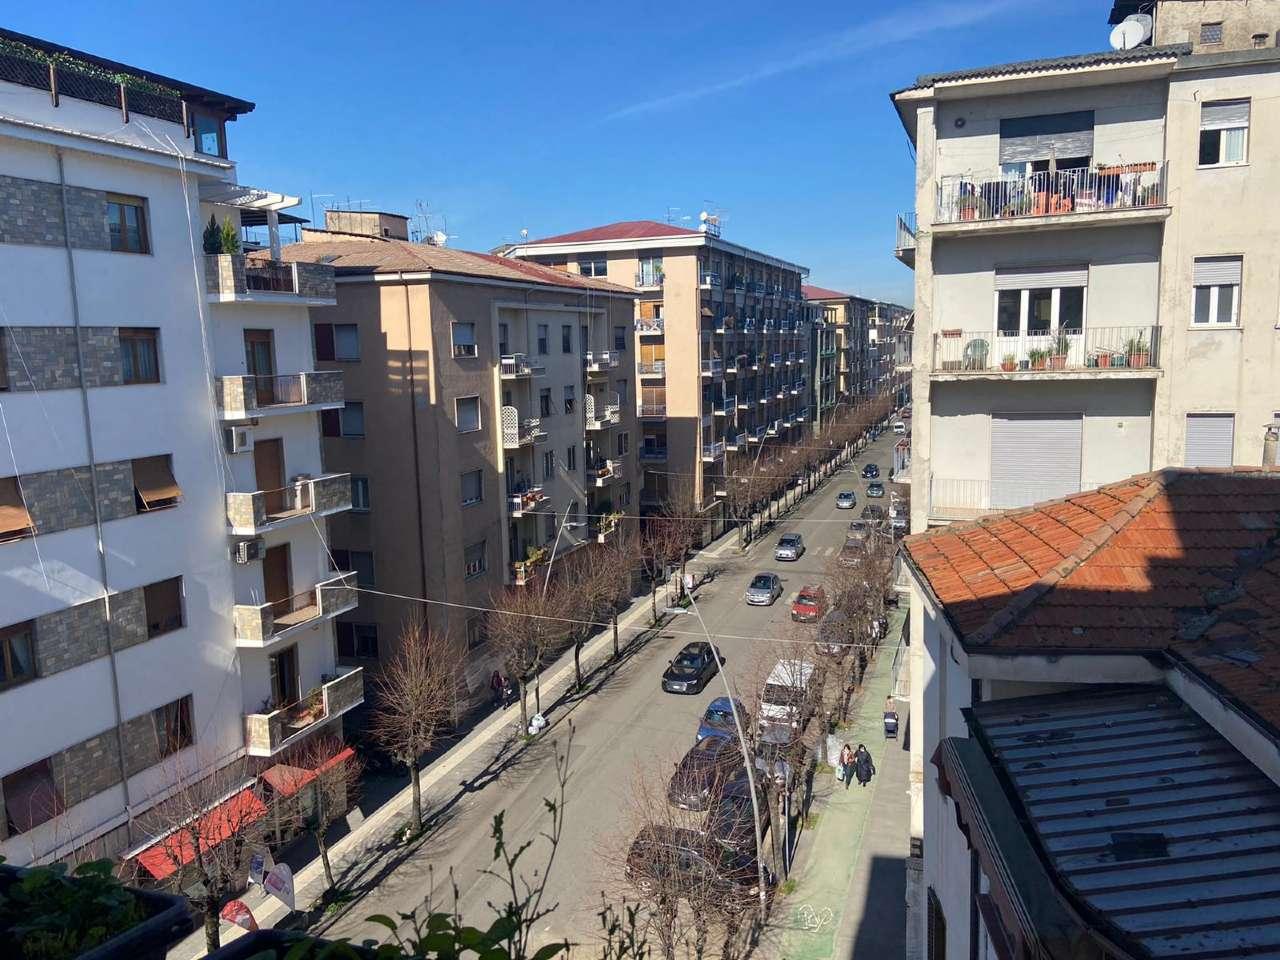 Appartamento, Viale degli Alimena, Centro, Cosenza, foto 17